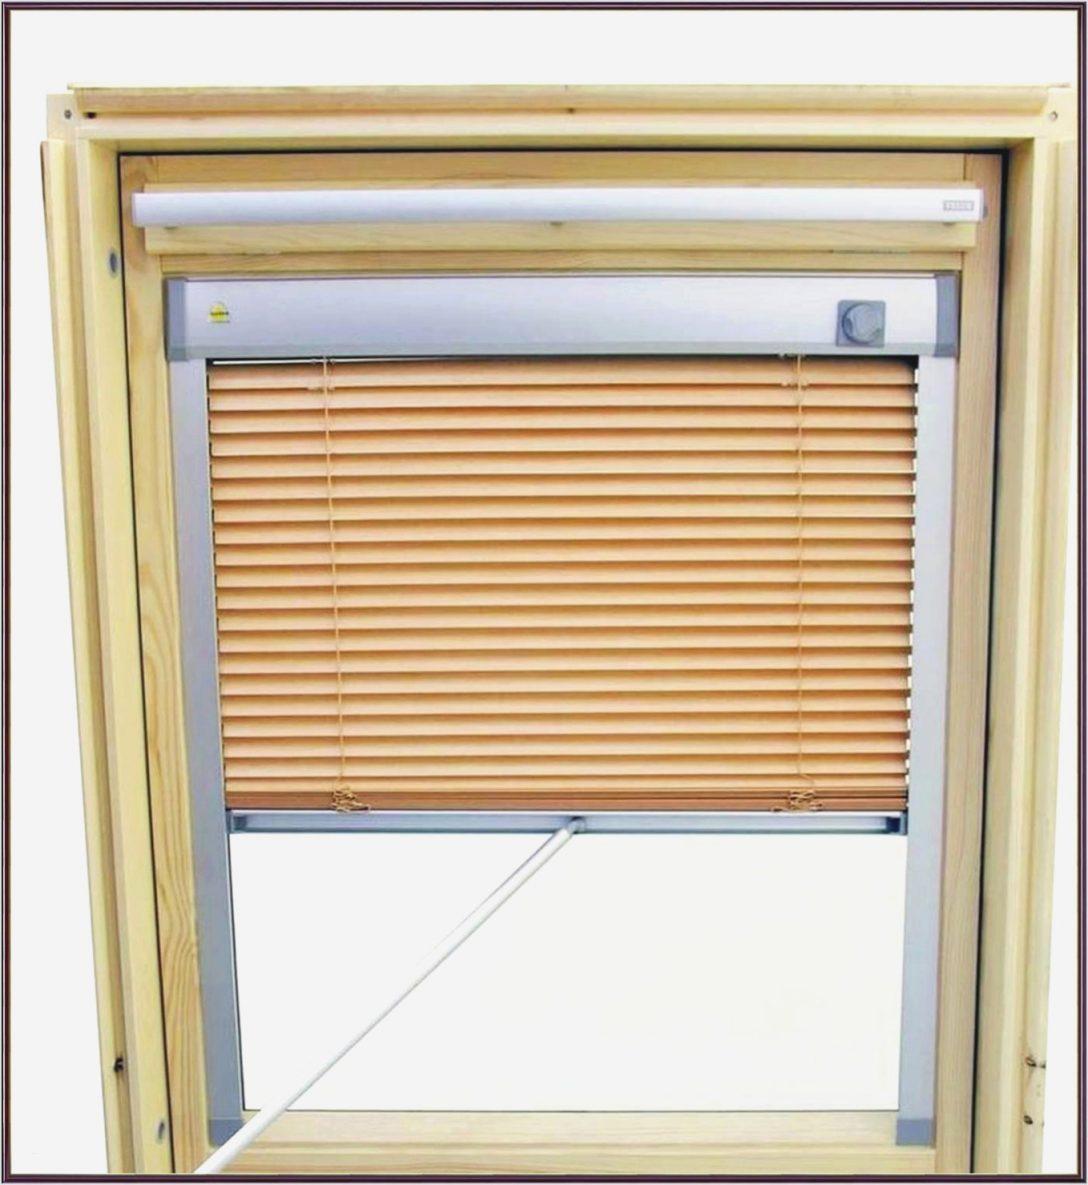 Large Size of Fenster Jalousie Innen Küche Gewinnen Sprüche T Shirt Junggesellinnenabschied Sonnenschutz Sonnenschutzfolie Jalousien Rollos Wohnzimmer Fensterrollo Innen